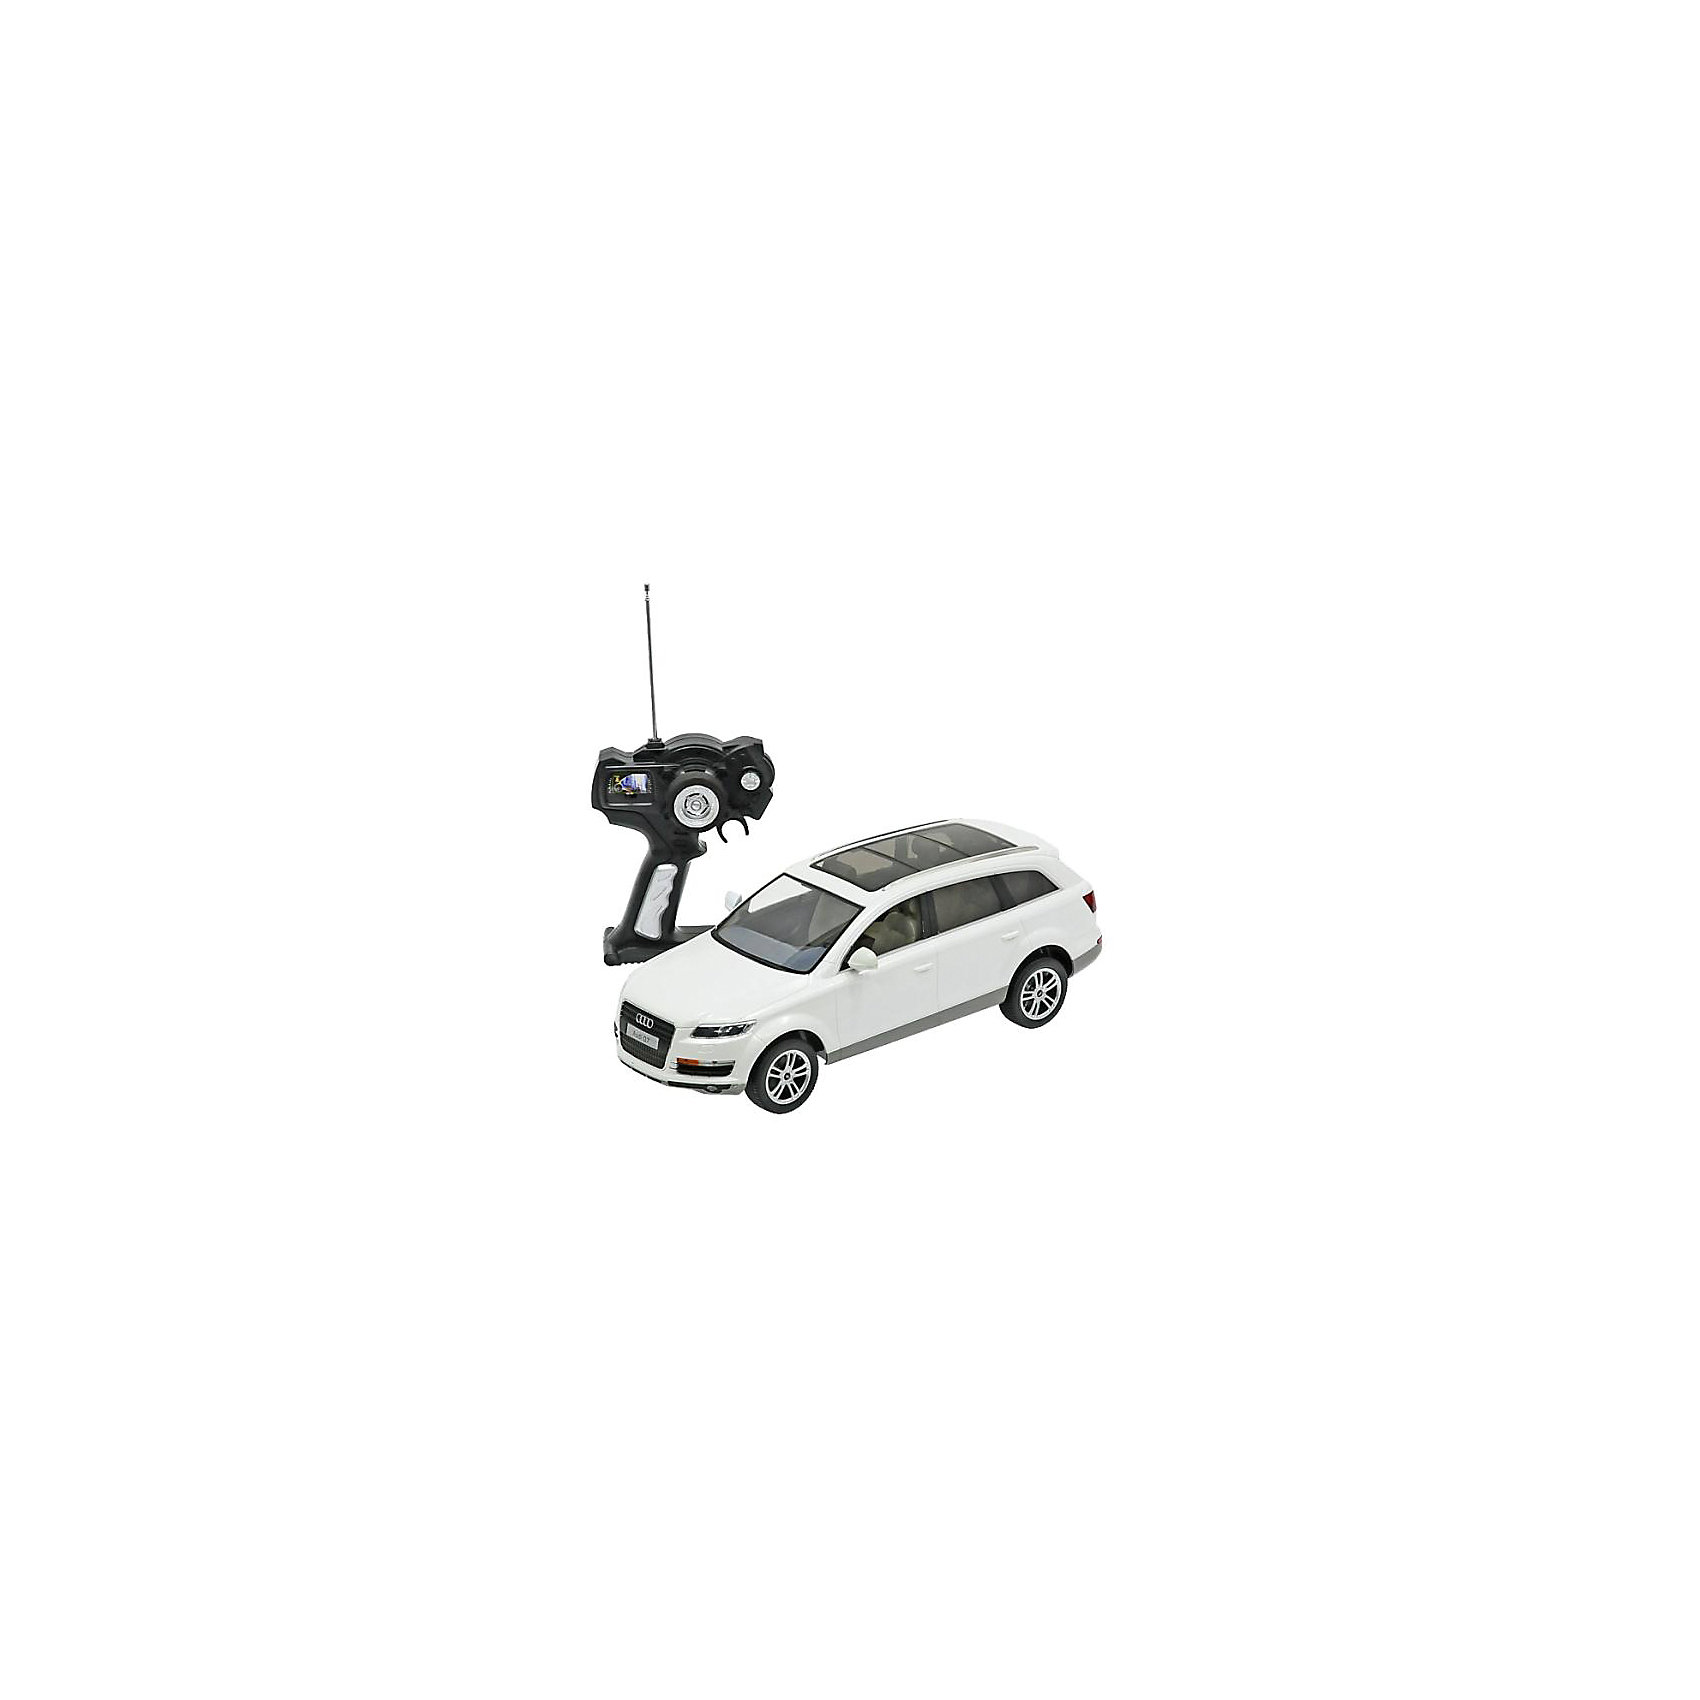 - Машина AUDI Q7 1:14, свет, на р/у, RASTAR, белый rastar машина на радиоуправлении 1 24 audi q7 27300